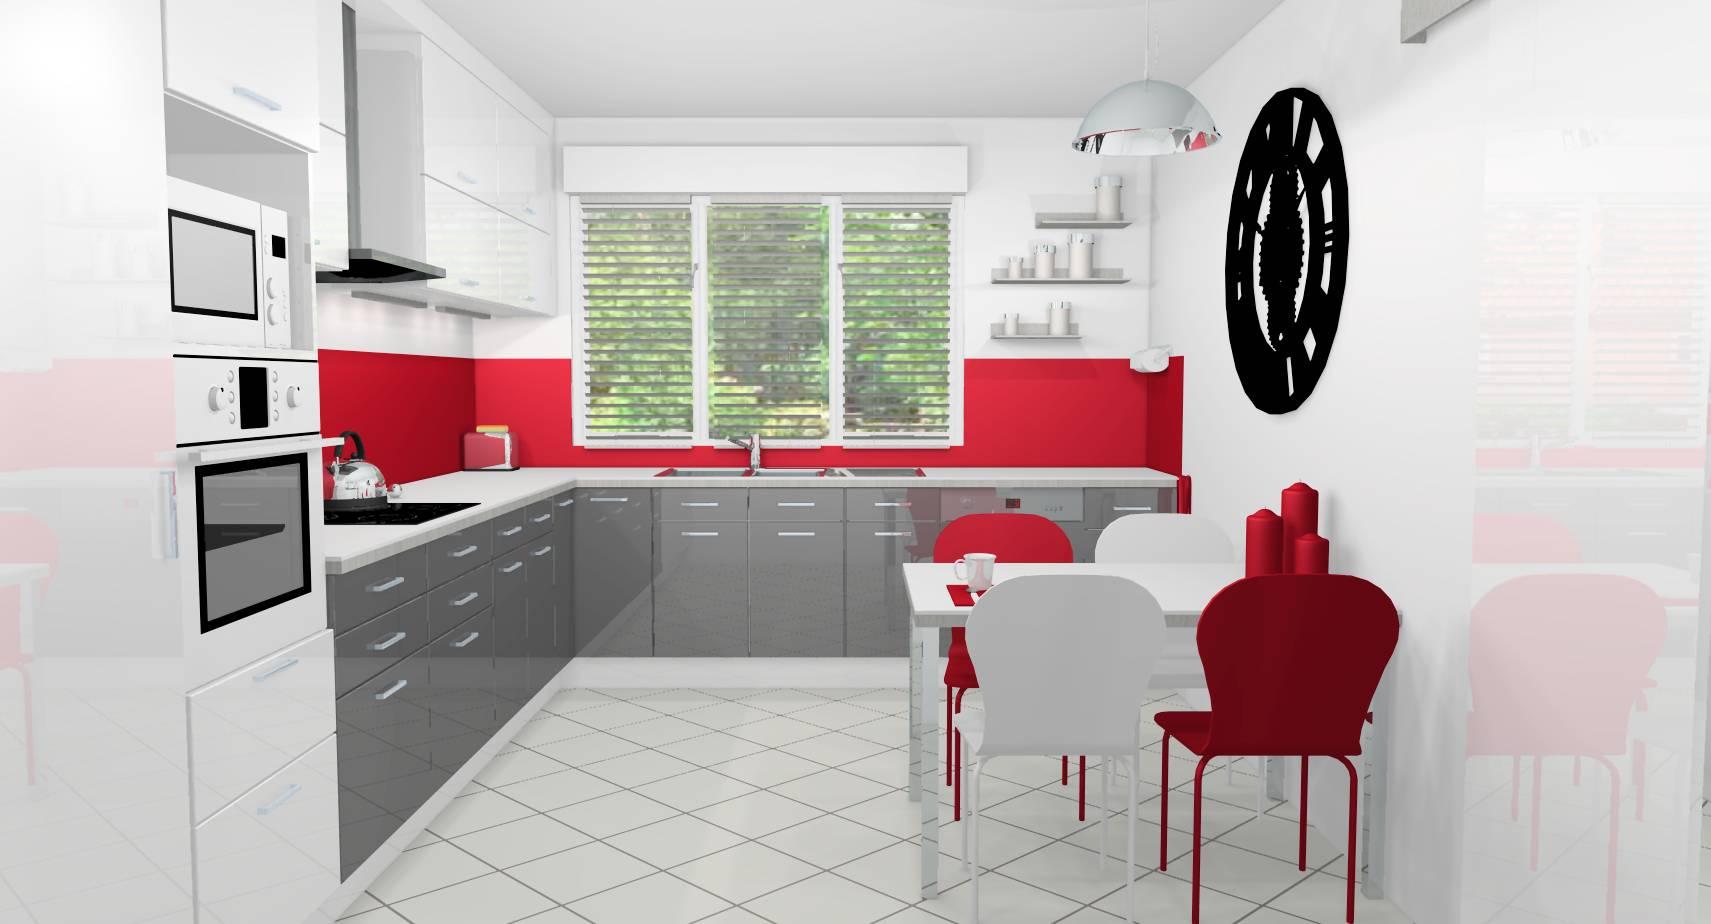 concevoir optimiser ou customiser sa cuisine designement v tre. Black Bedroom Furniture Sets. Home Design Ideas